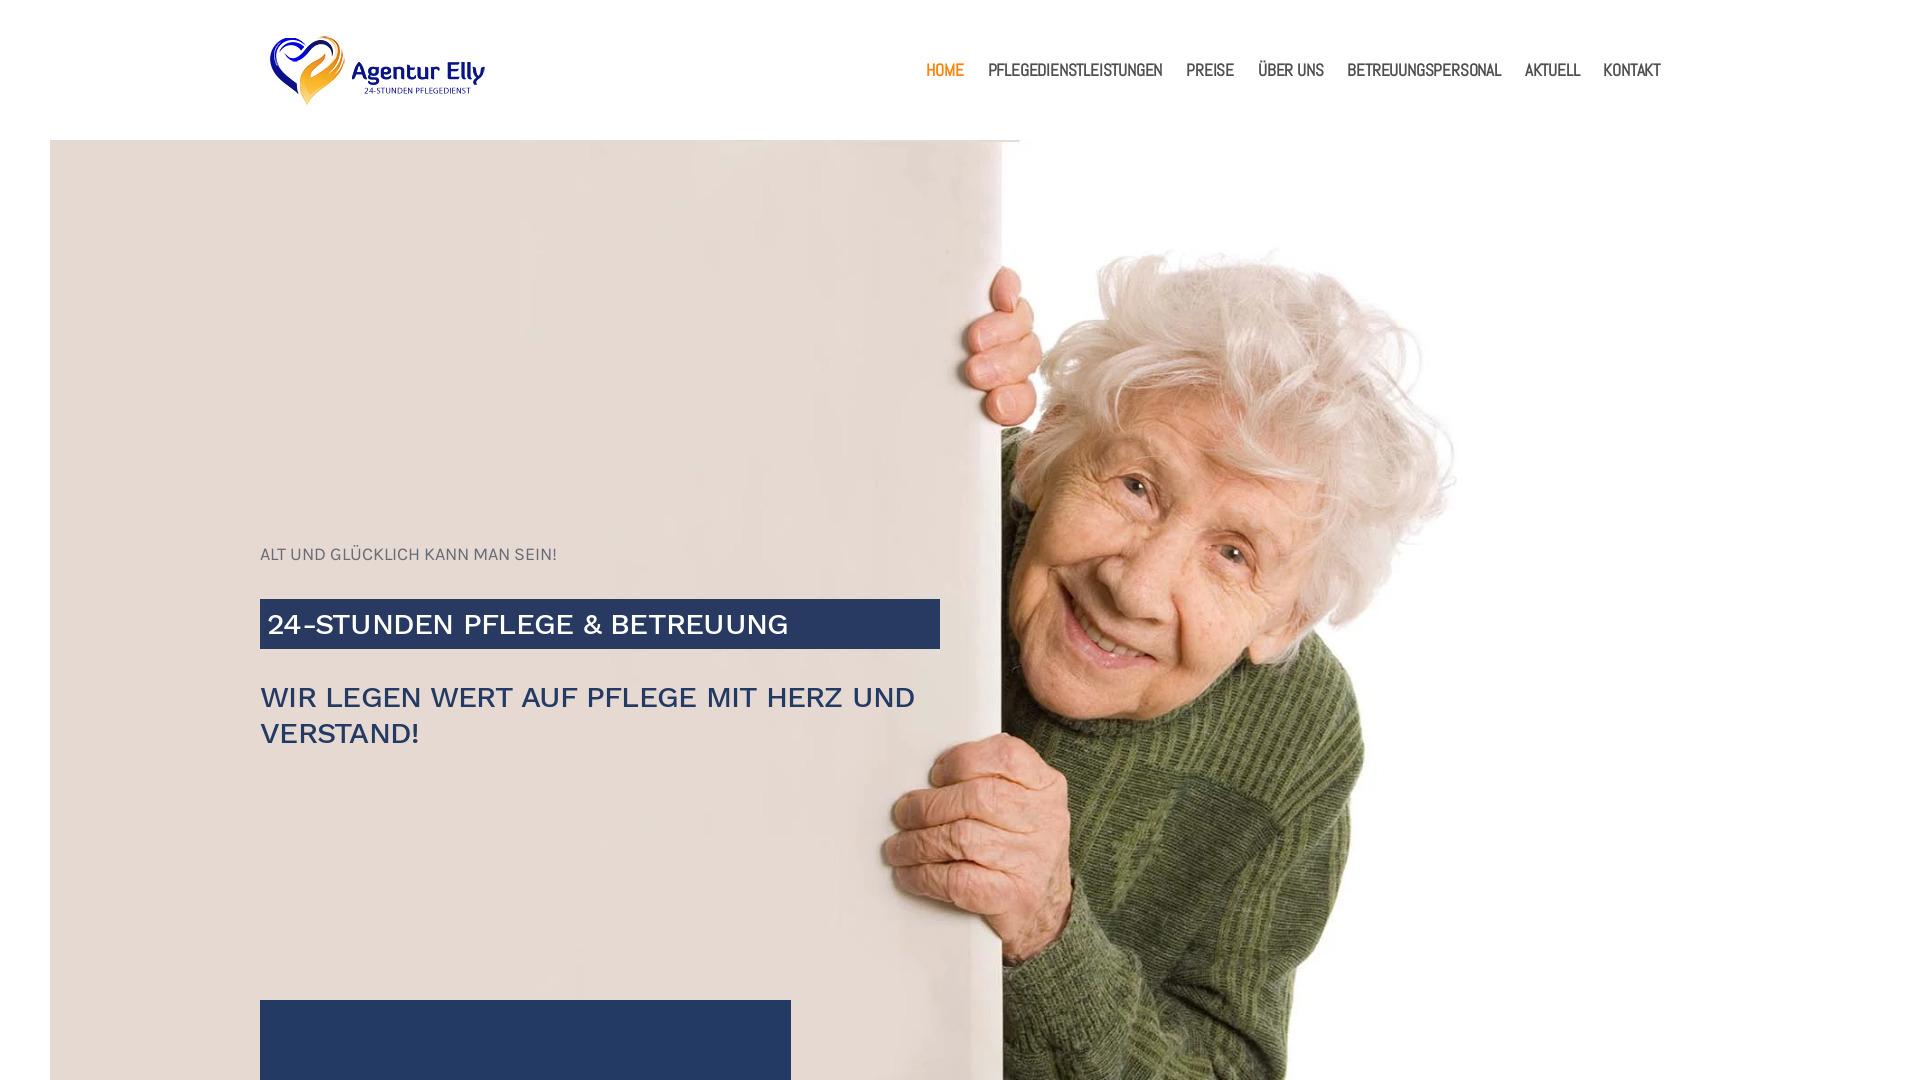 Agentur Elly 24h Pflege und Betreuung zu Hause